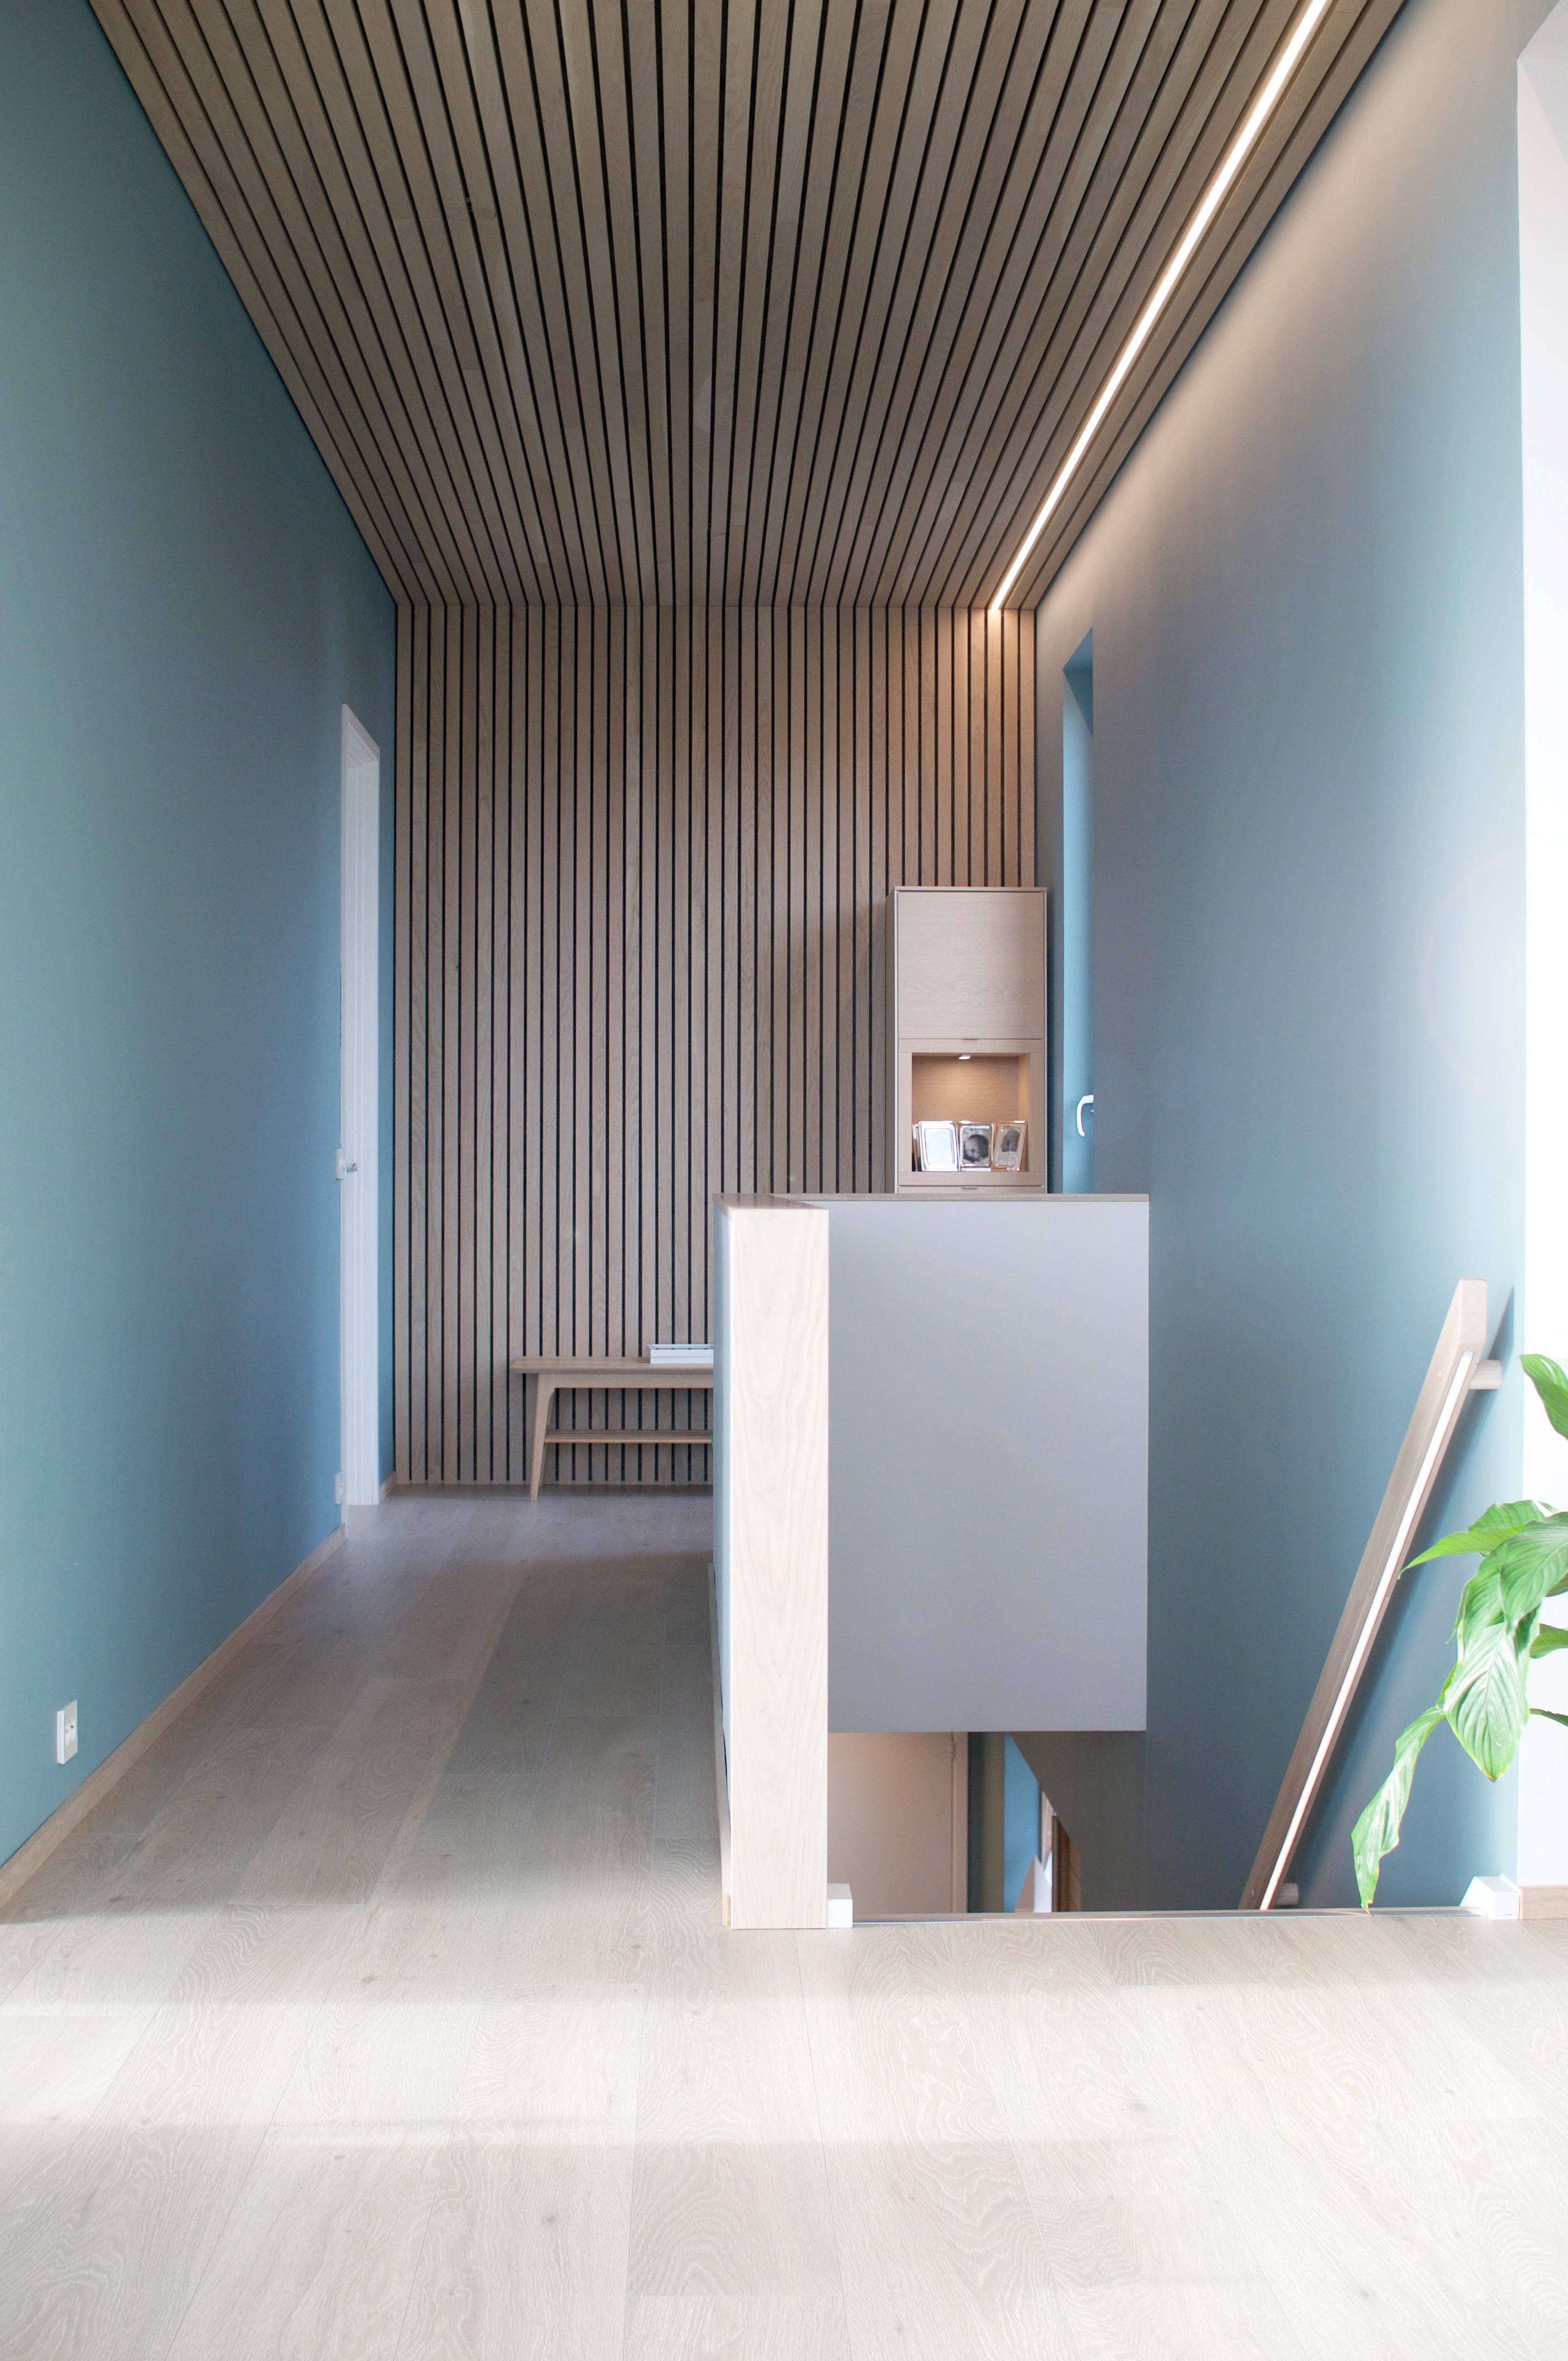 Moderne interiør med eikespiler og furupanel